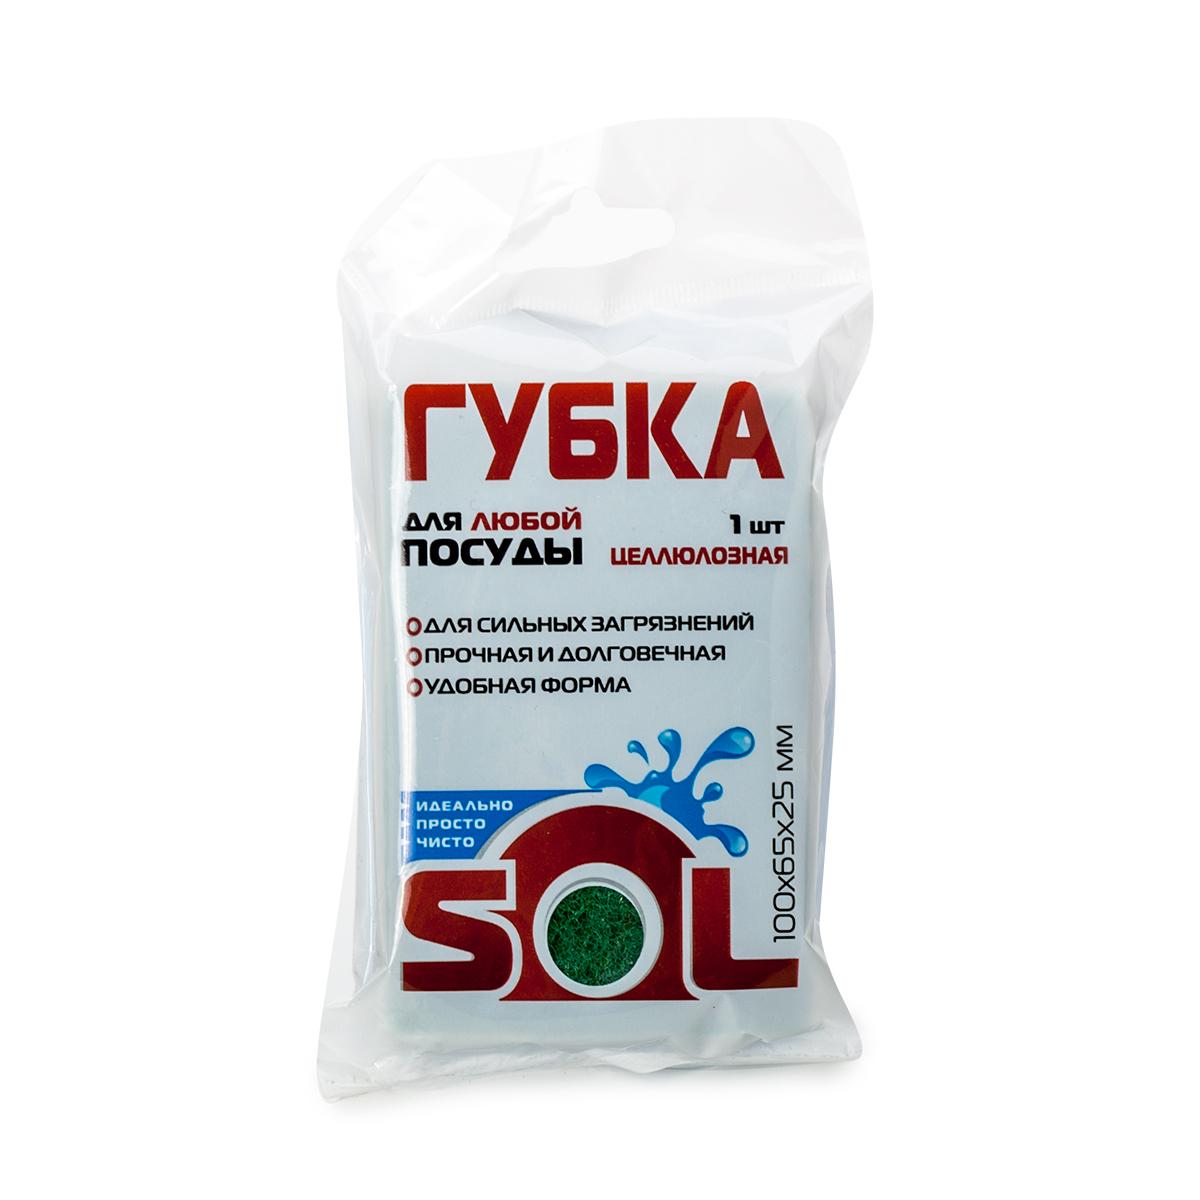 Губка для мытья посуды Sol, целлюлозная, цвет: голубой, 10 х 6,5 х 2,5 см10029/10040_голубойЦеллюлозная губка Sol хорошо впитывает влагу и очищает деликатные поверхности. При высыхании твердеет, что препятствует размножению бактерий и возникновению неприятных запахов. Может применяться для мытья посуды из тефлона и нержавеющей стали, керамических плит.